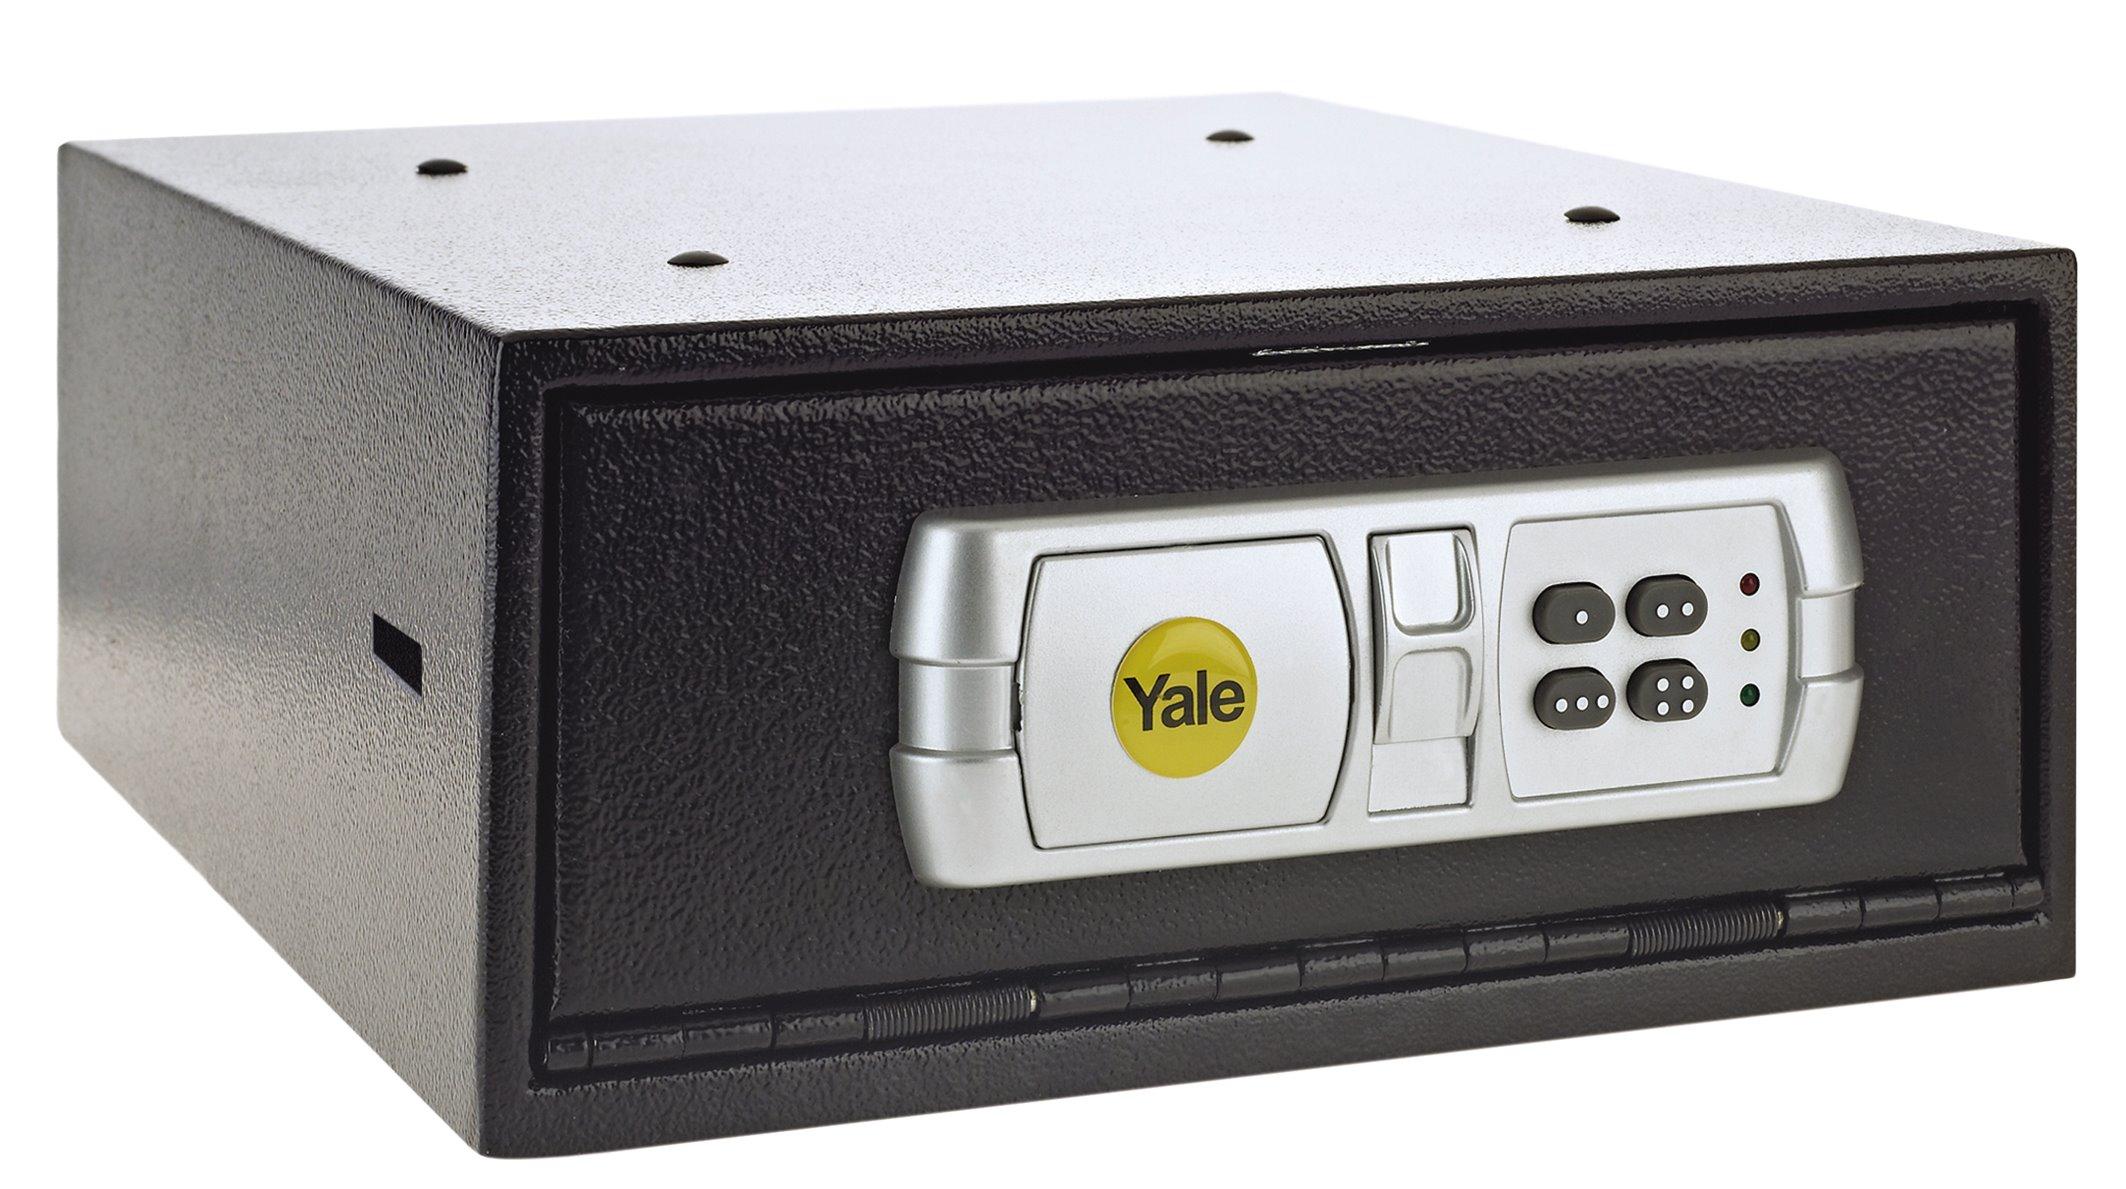 YAV/108/DB1 - Tablet safe